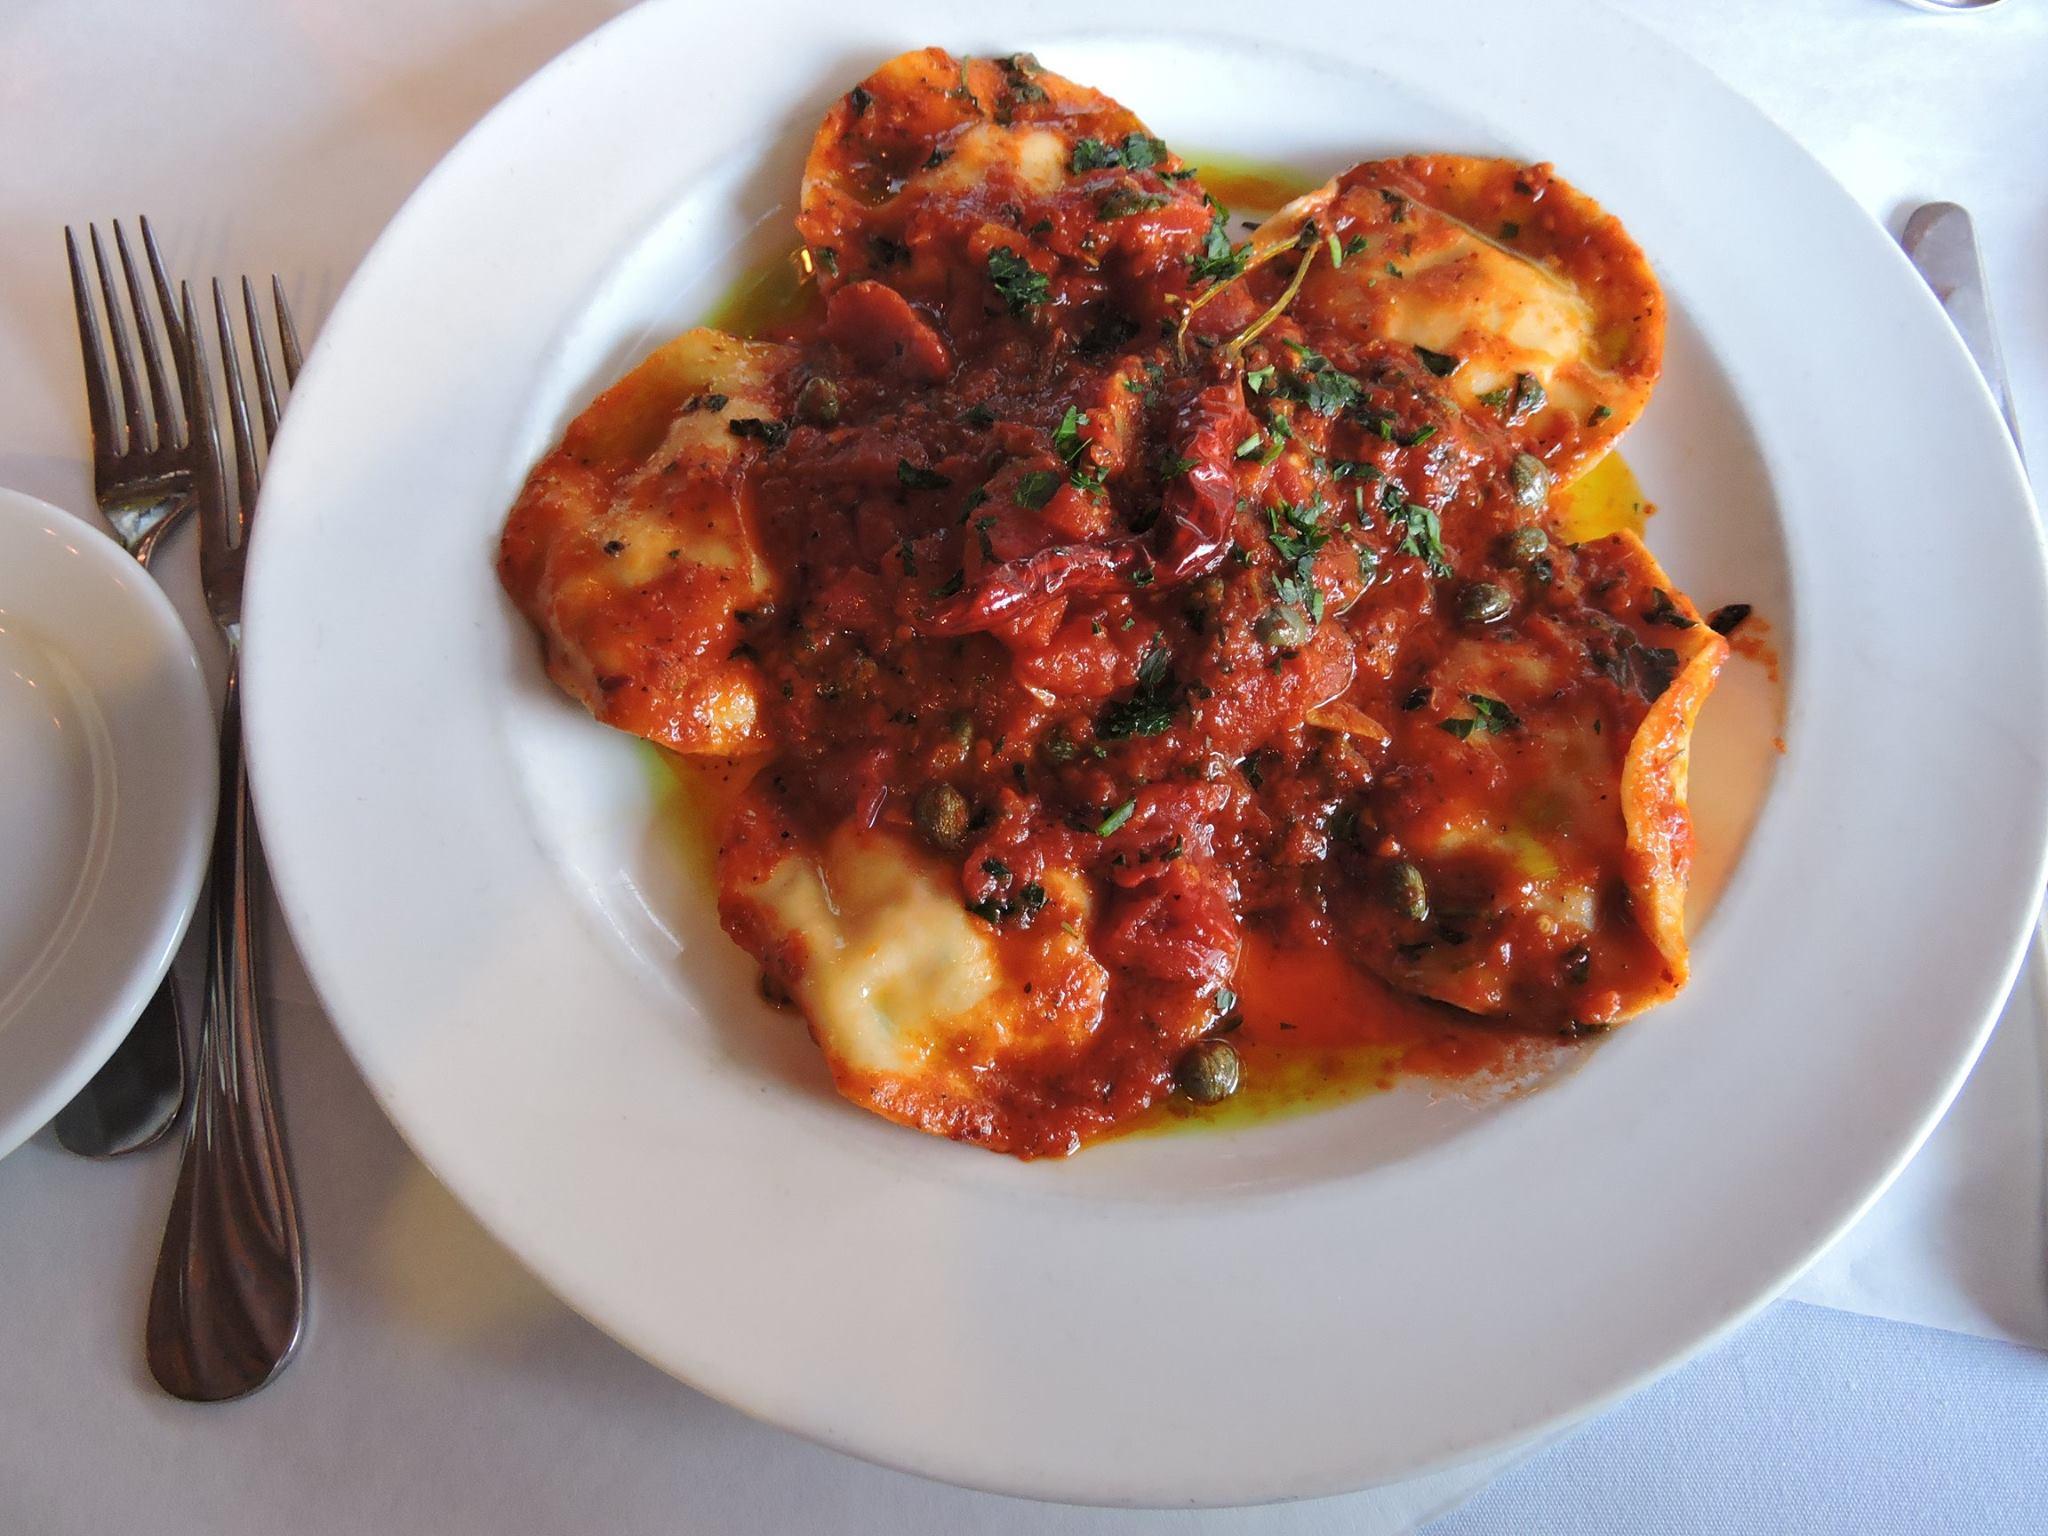 italian restaurant in slo - giuseppe's